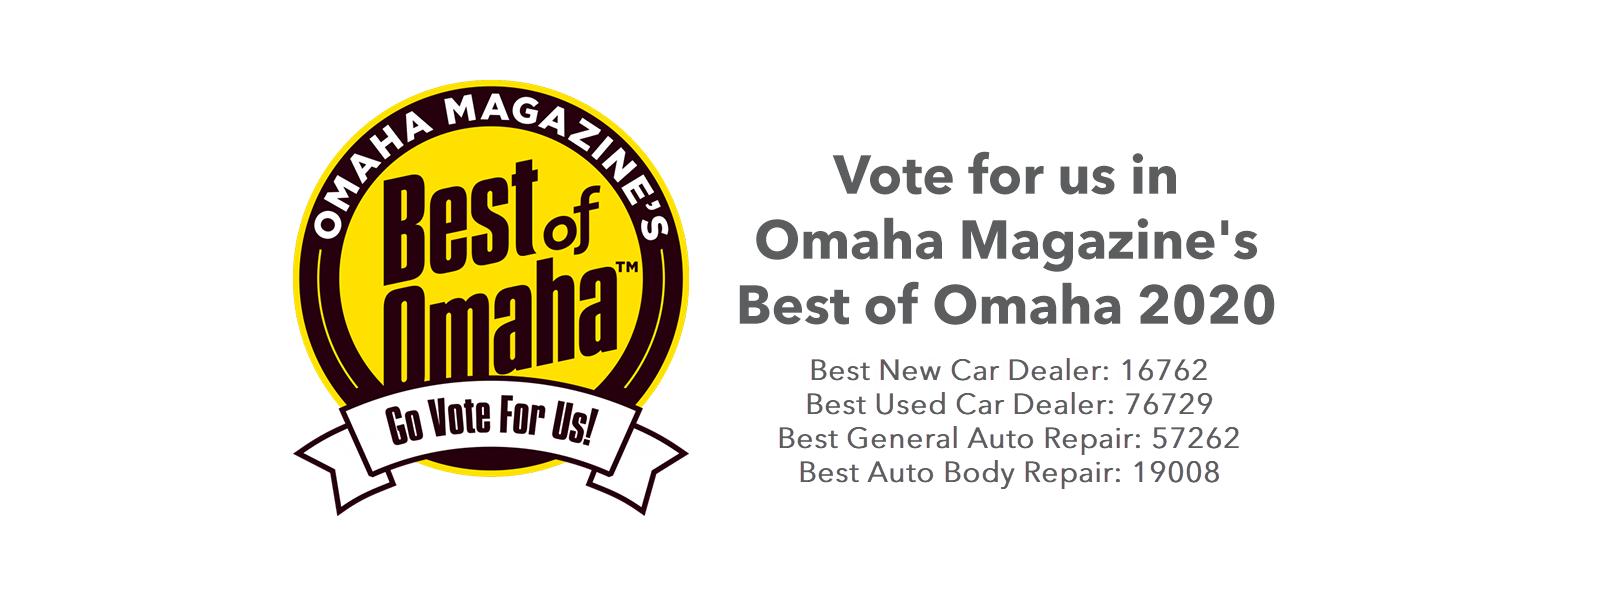 Best of Omaha 2020